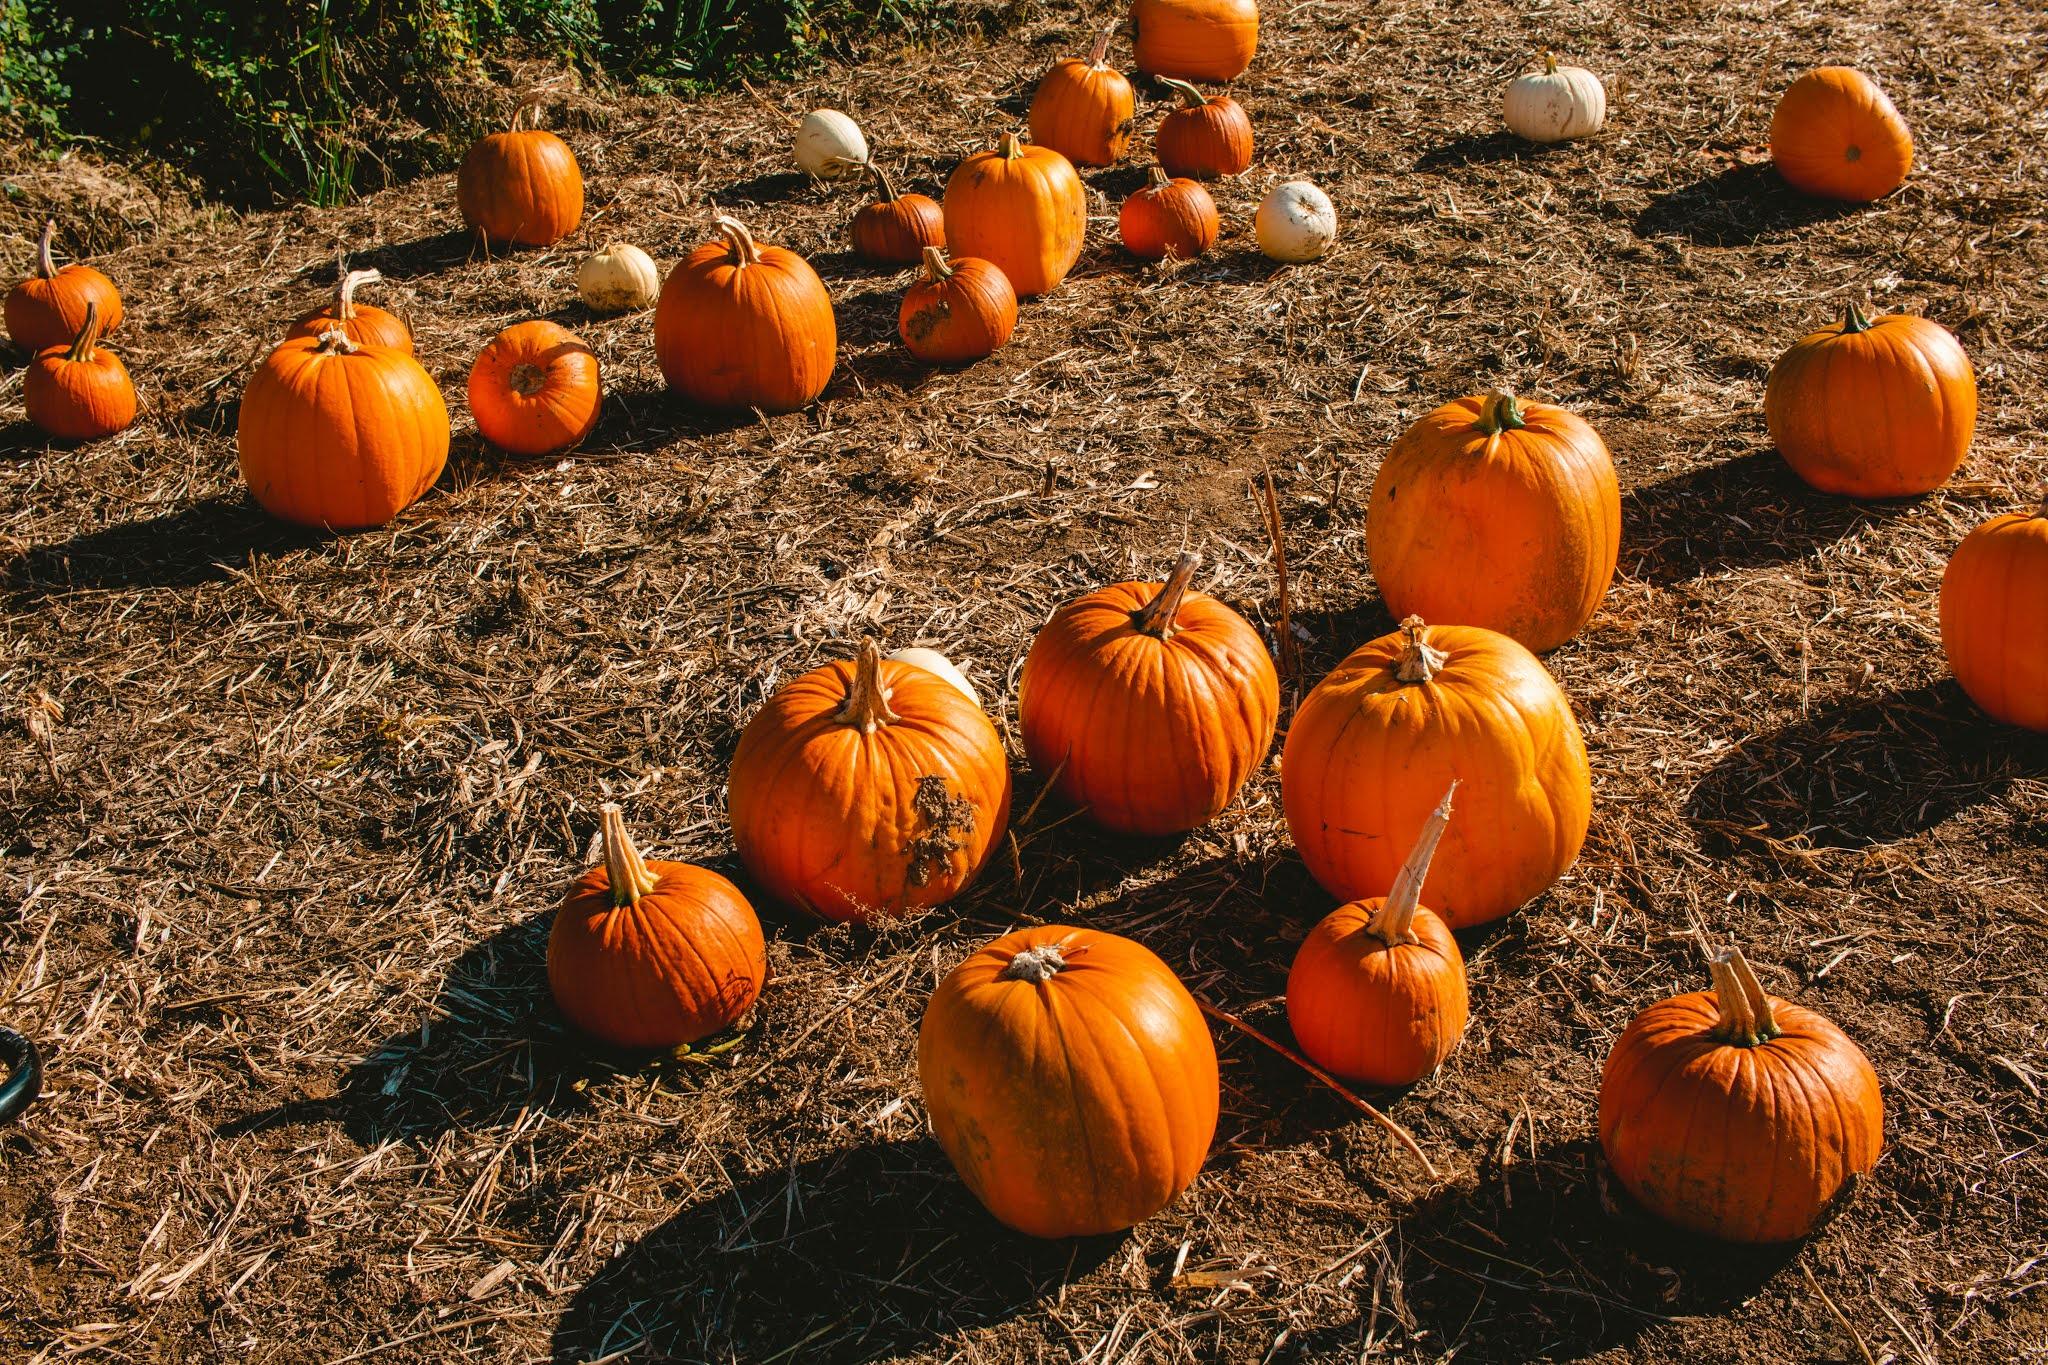 Autumn Pumpkins at Pumpkin Patch from Fall Pumpkin Picking Autumn Activities Blog Post